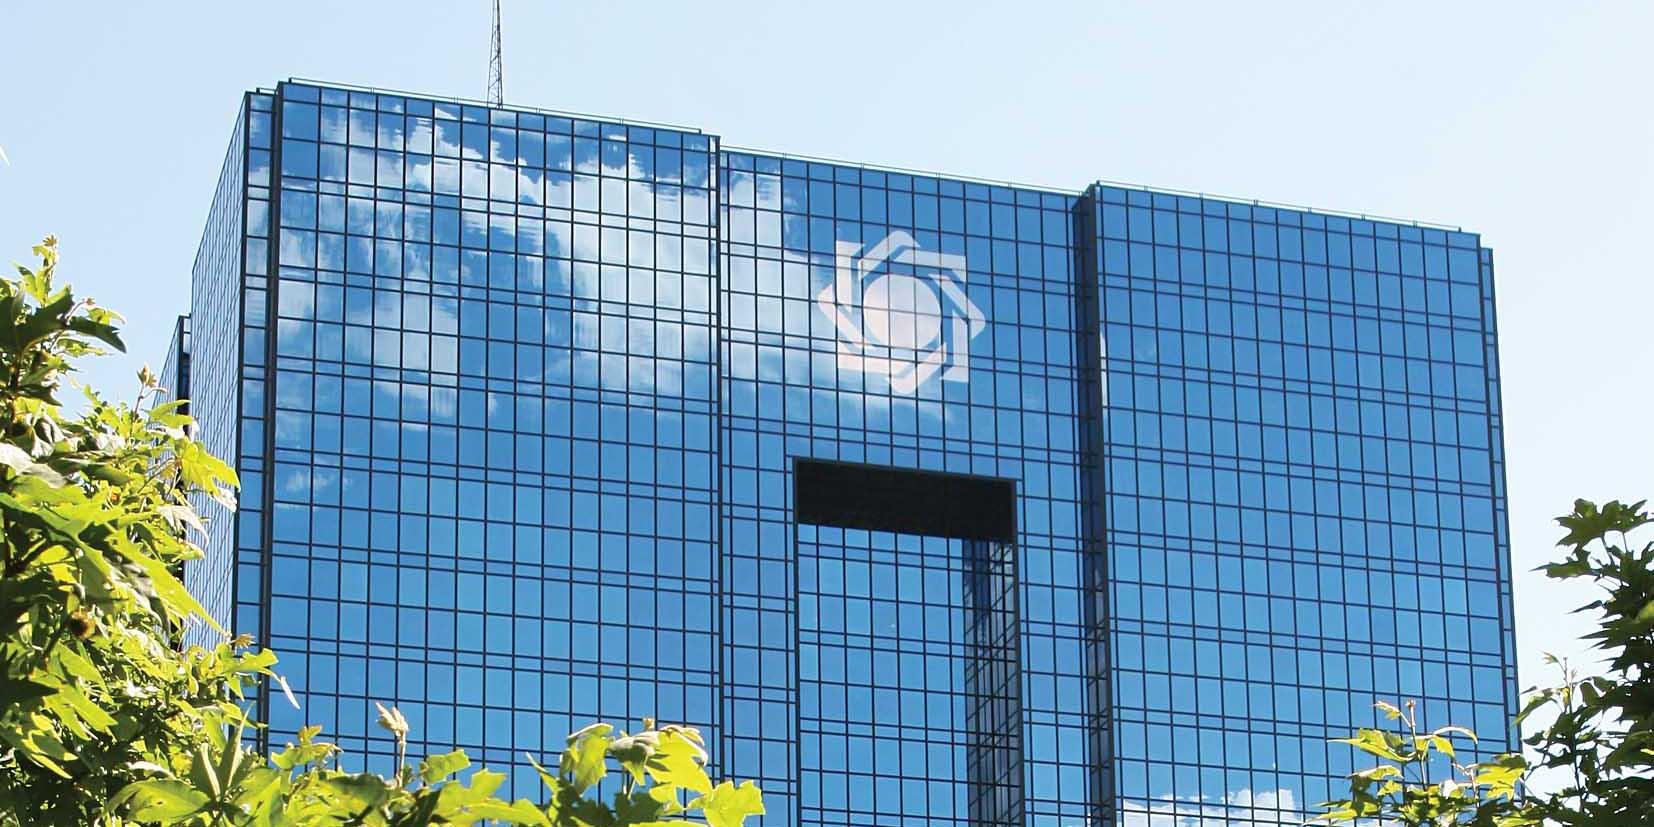 شروط بانک مرکزی برای اختصاص منابع فاینانس